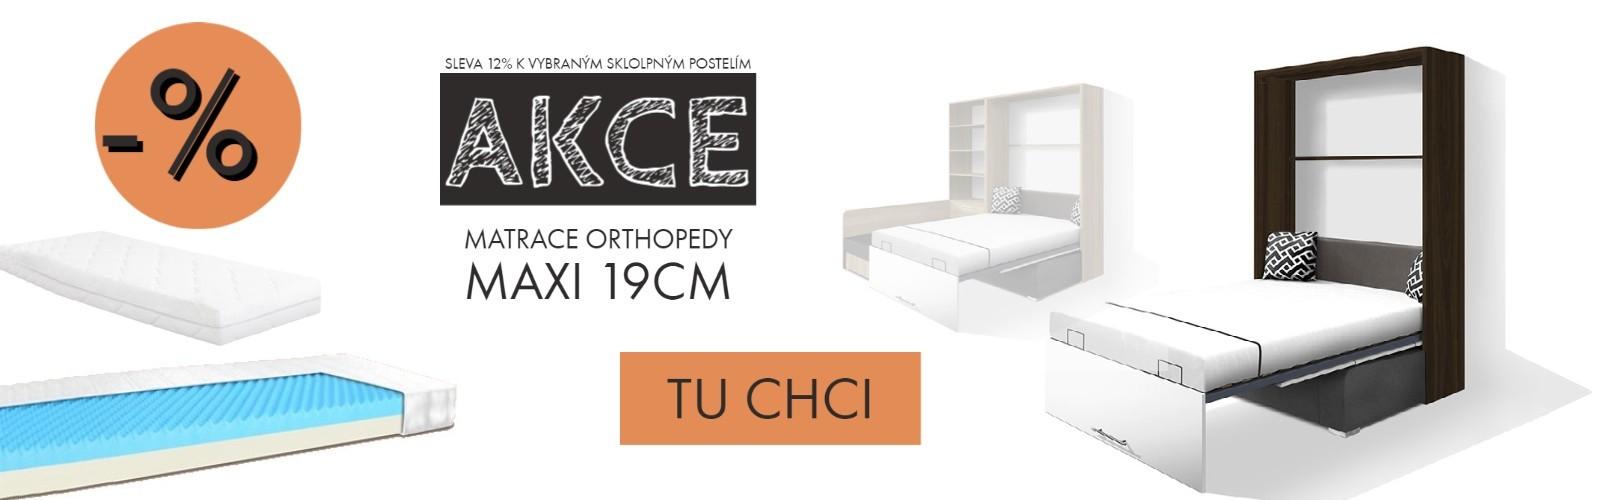 akce sleva 12% matrace orthopedy maxi postele sklopné s pohovkou bez pohovky malé byty